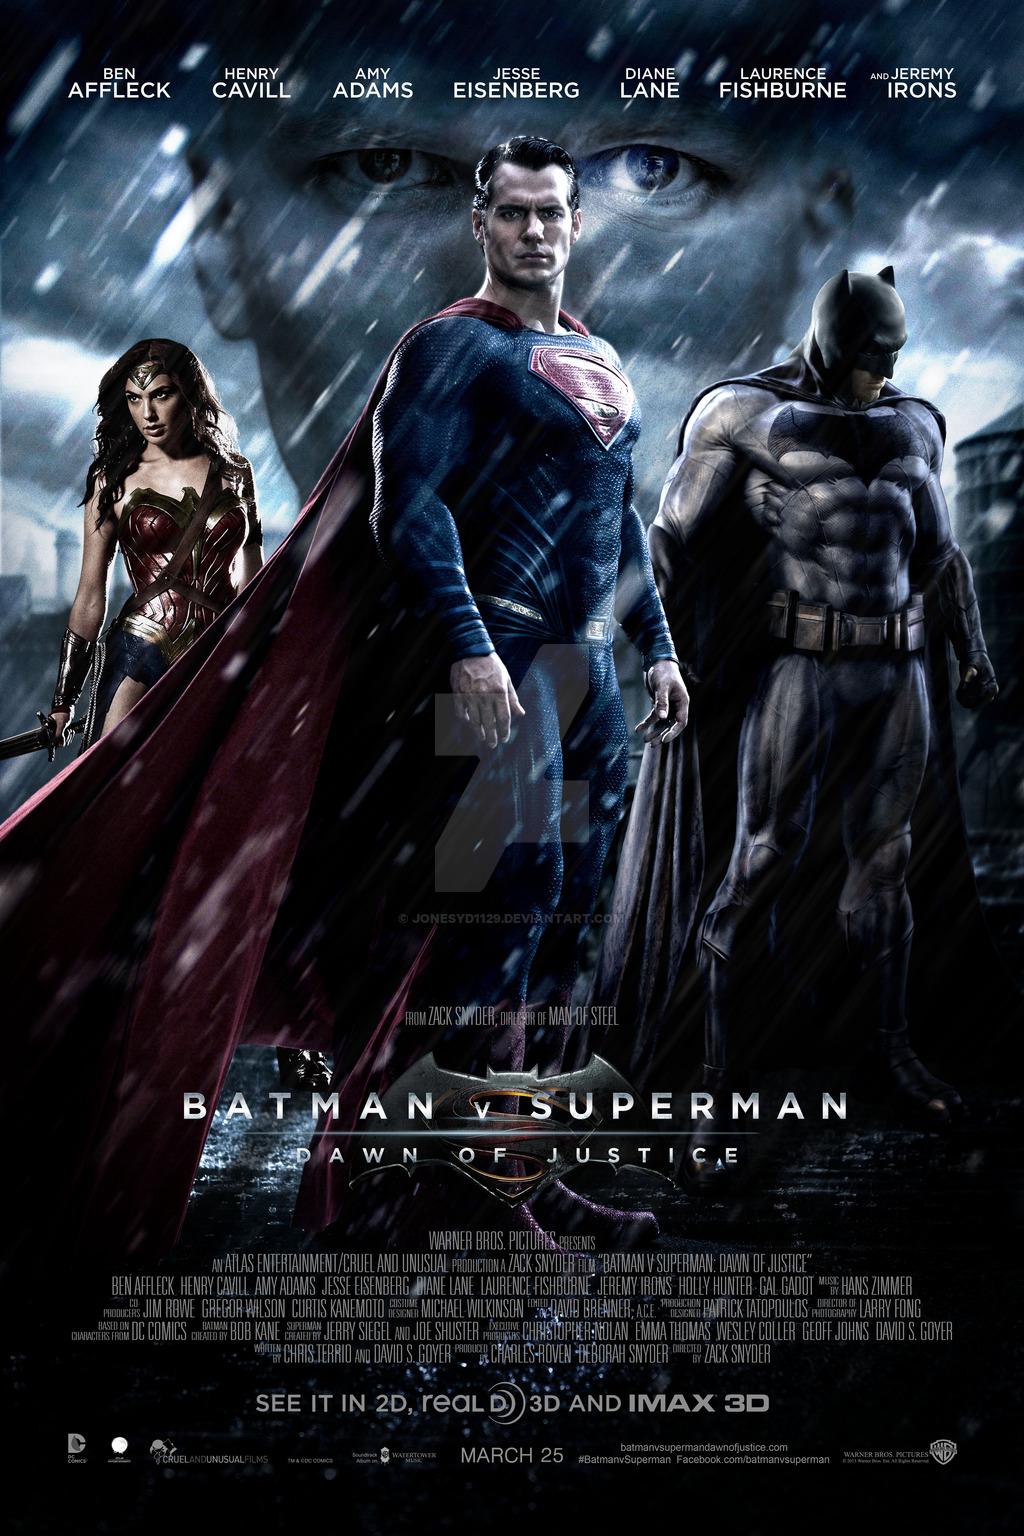 Dawn Of Justice Sub Indo : justice, Nonton, Batman, Superman, Justice, Subtitle, Indonesia, Gallery